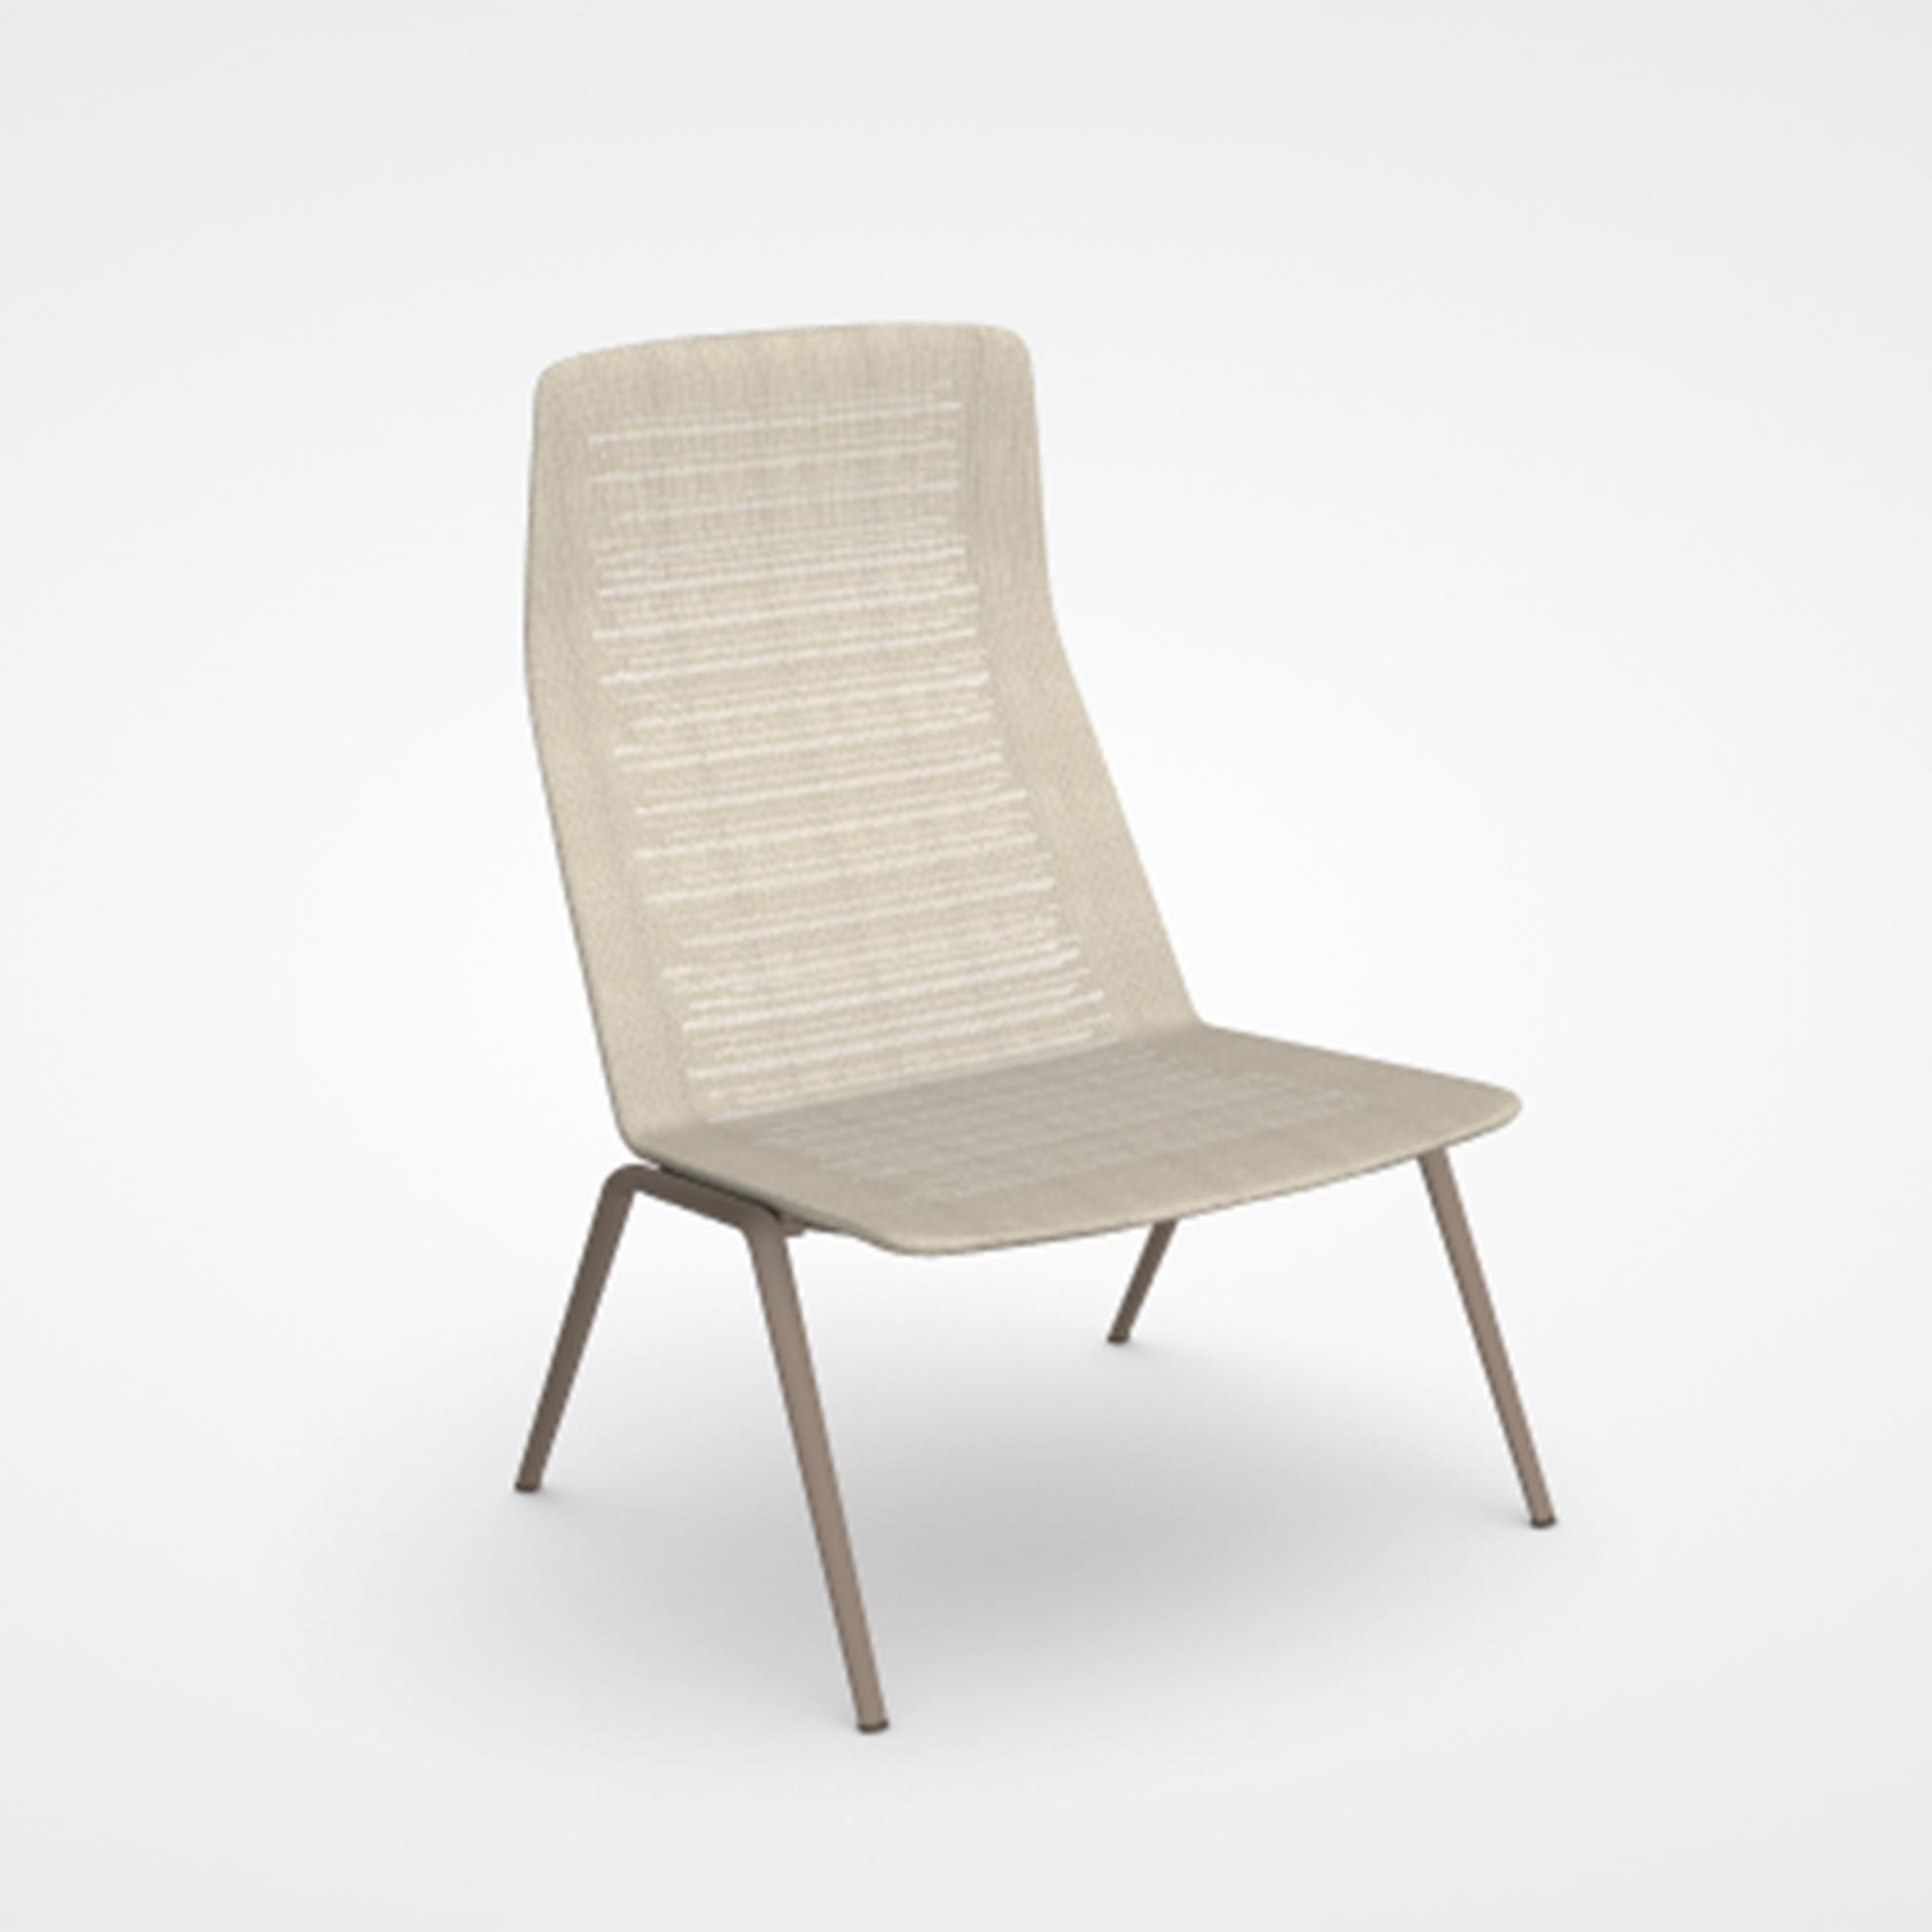 Poltrona Lounge Zebra Knit con schienale alto